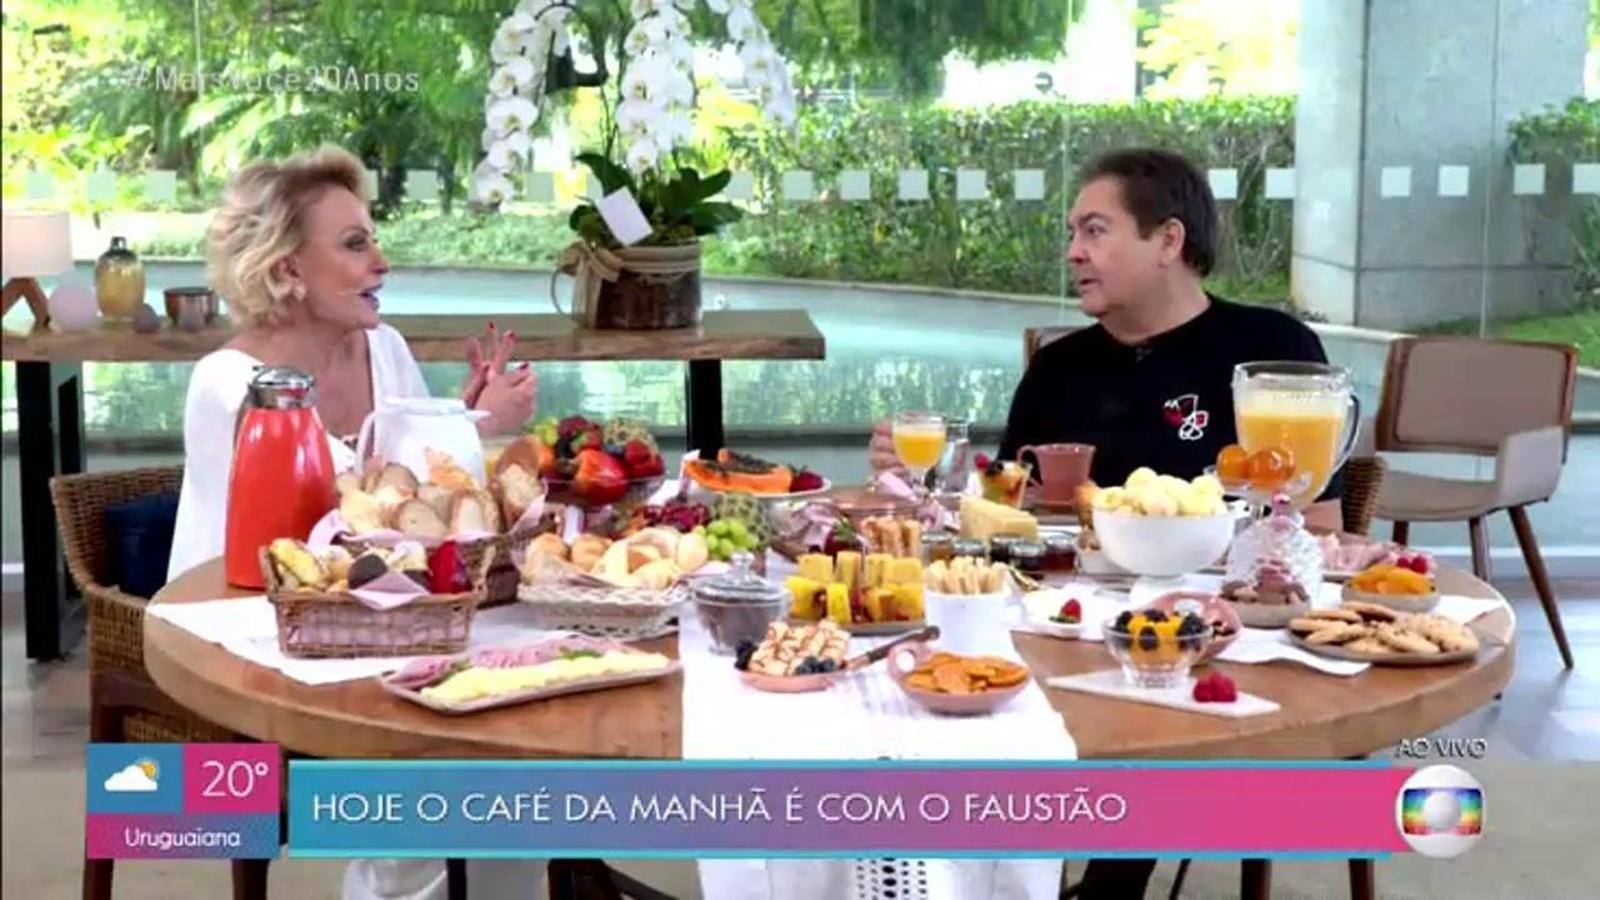 Ana Maria comemora 20 anos do 'Mais Você' com programa especial e entrevista com Faustão - Notícias - Plantão Diário